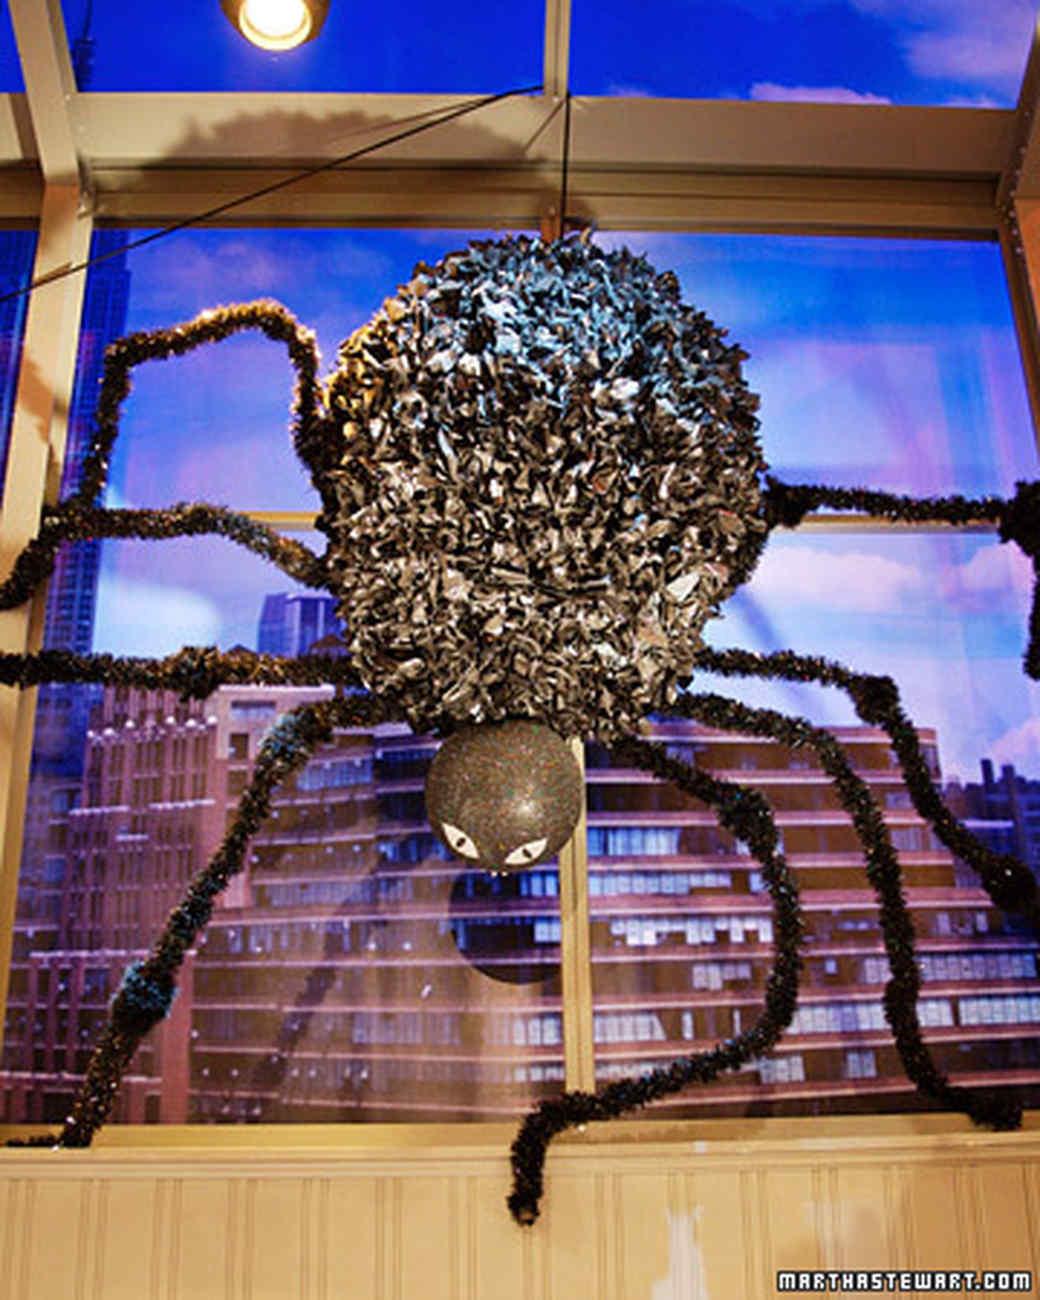 3034_101707_spider.jpg